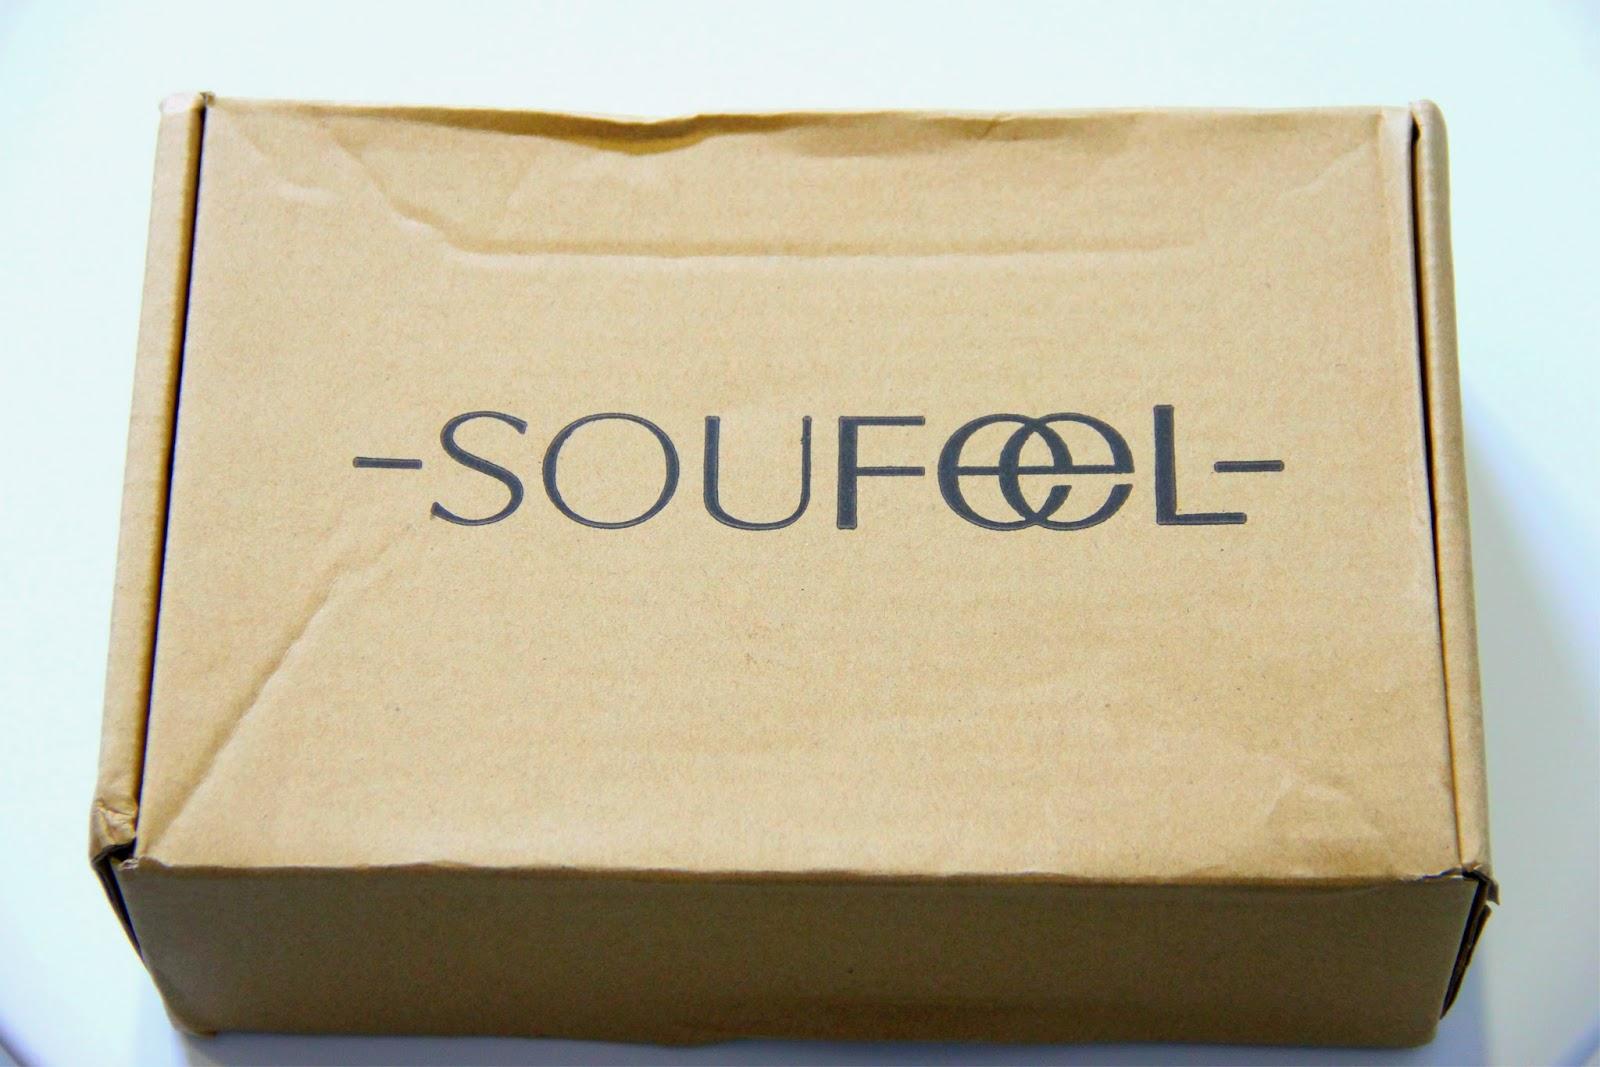 http://www.soufeel.com